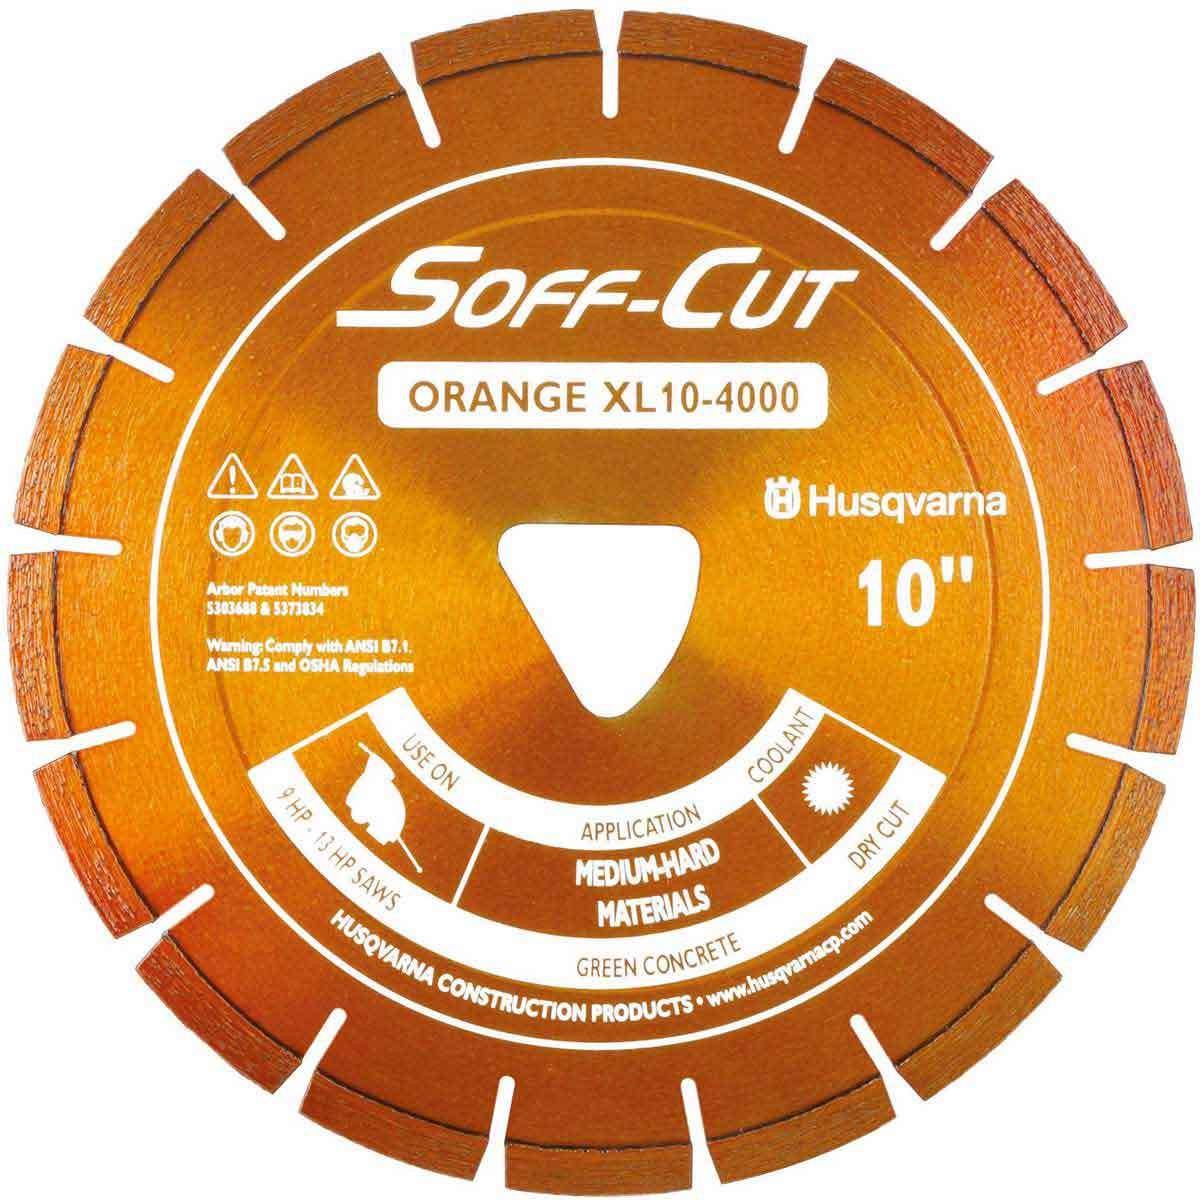 Husqvarna Soff-Cut Excel 4000 Orange Ultra Early Saw Blade